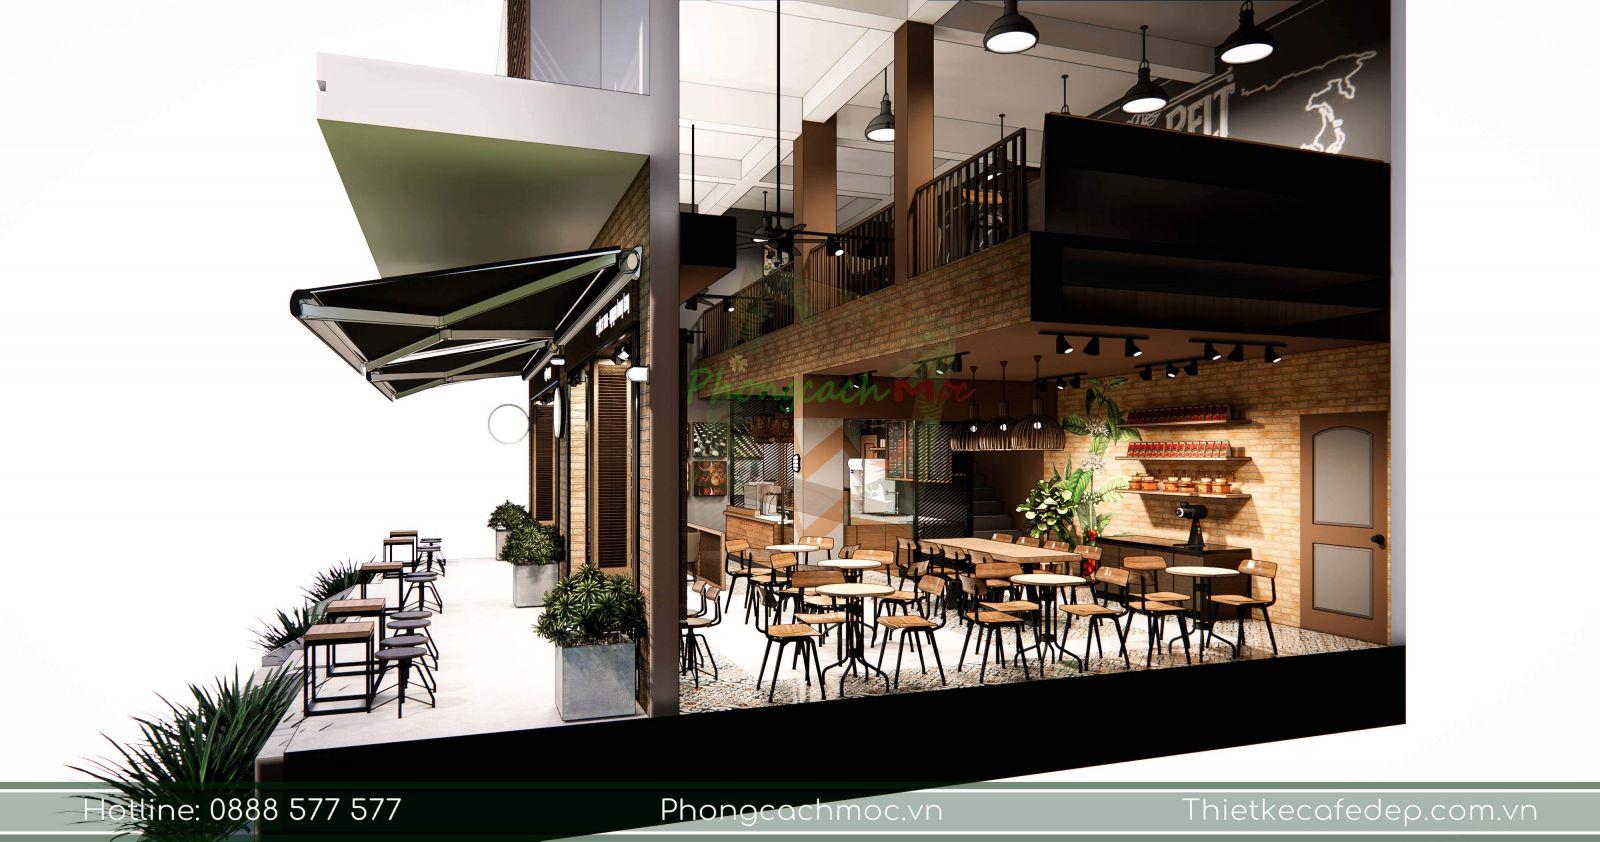 tận dụng lợi thế quán cà phê nguyên bảo có diện tích 110m2